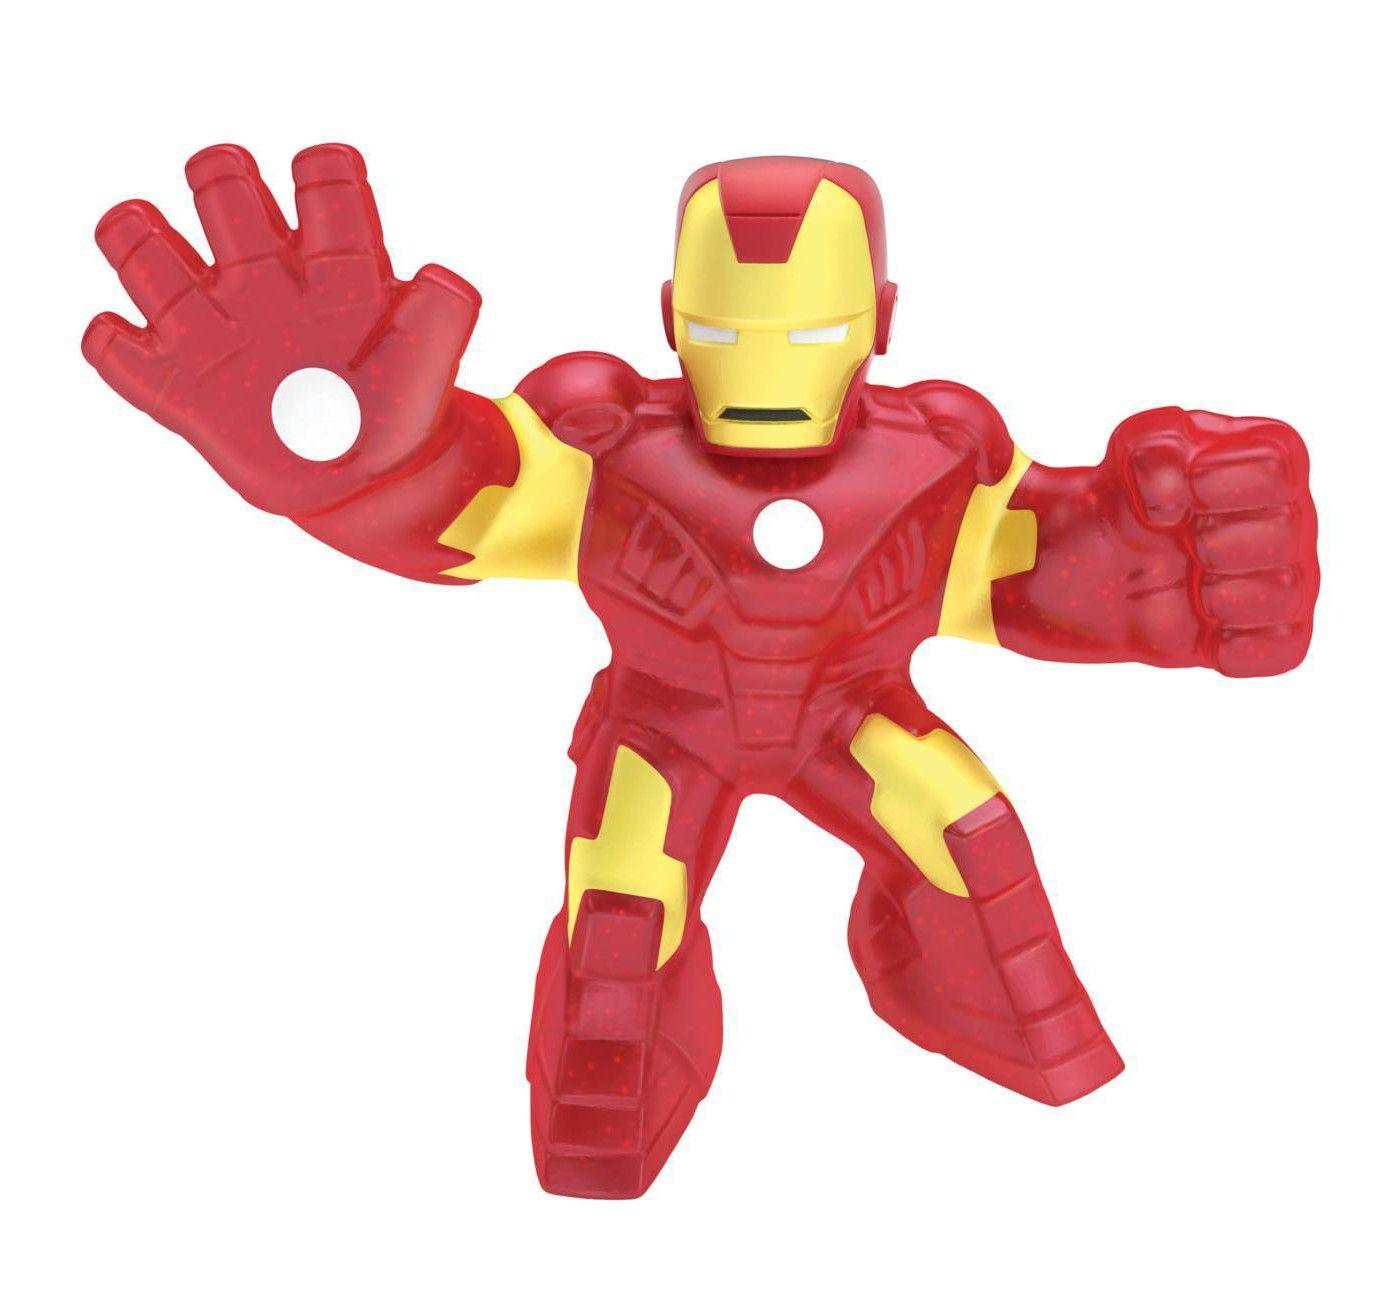 Moose Marvel Heroes Of Goo Jit Zu Captain America Stretchy Gel Action Figure